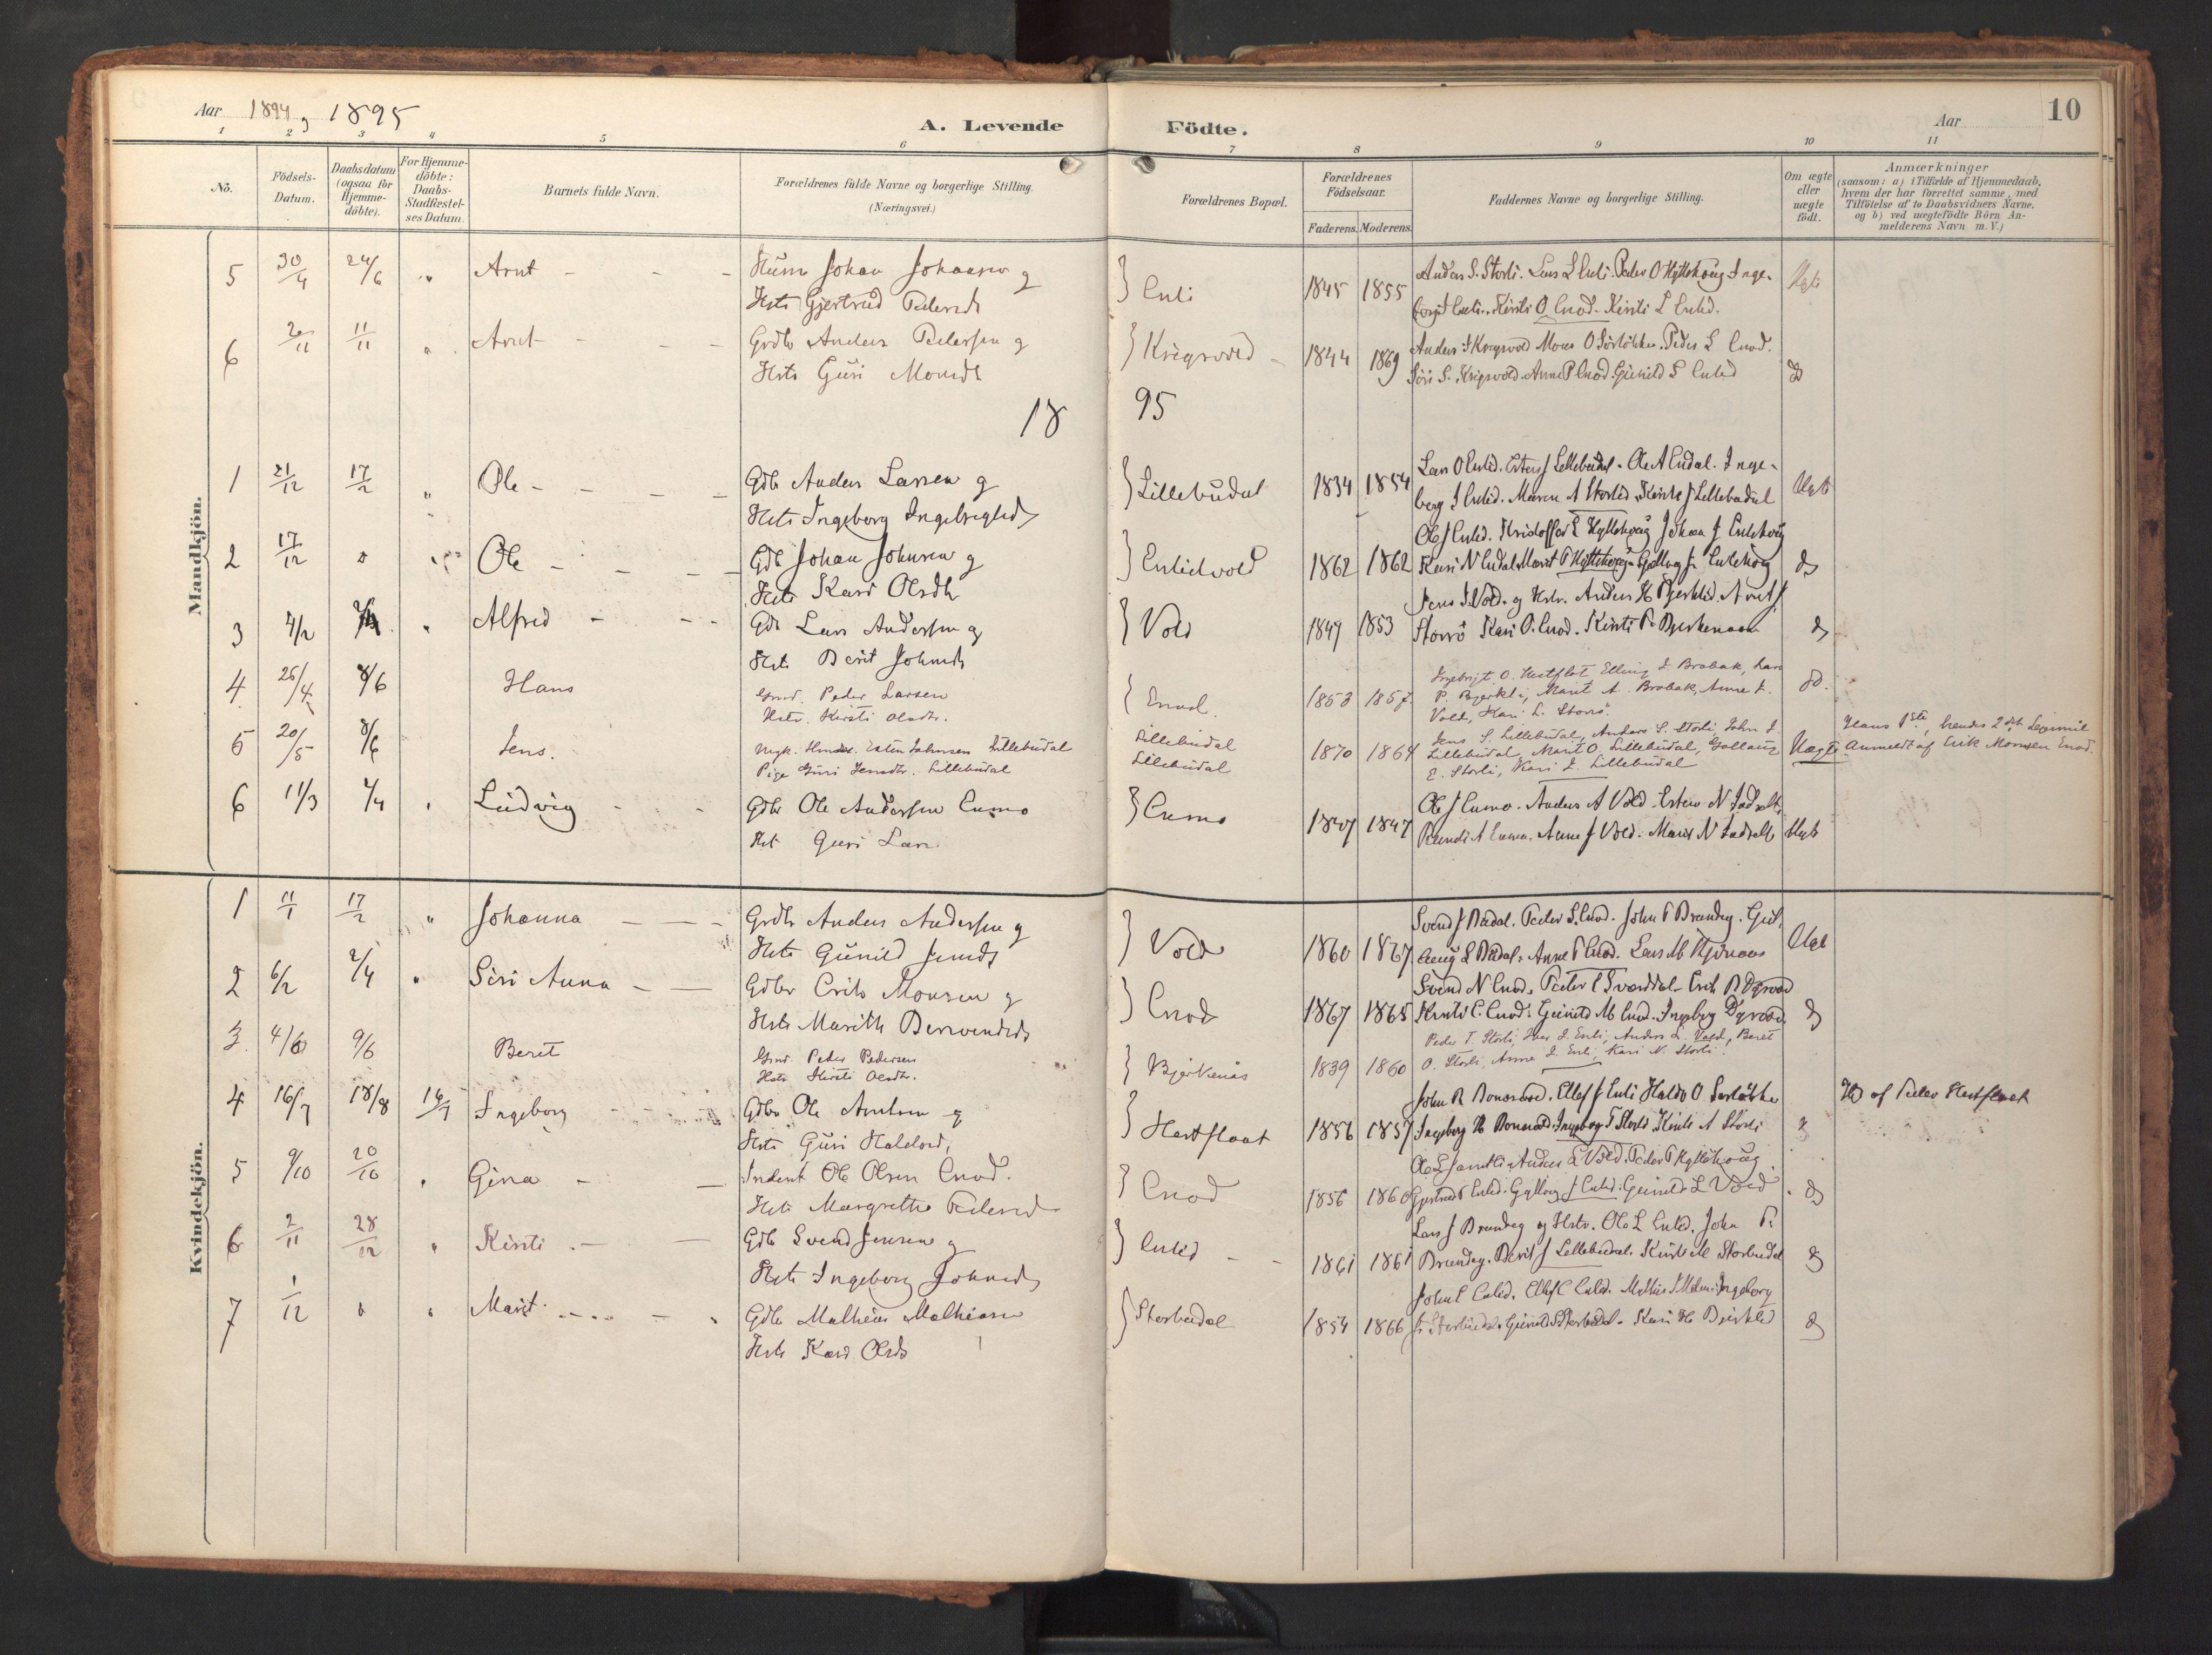 SAT, Ministerialprotokoller, klokkerbøker og fødselsregistre - Sør-Trøndelag, 690/L1050: Ministerialbok nr. 690A01, 1889-1929, s. 10